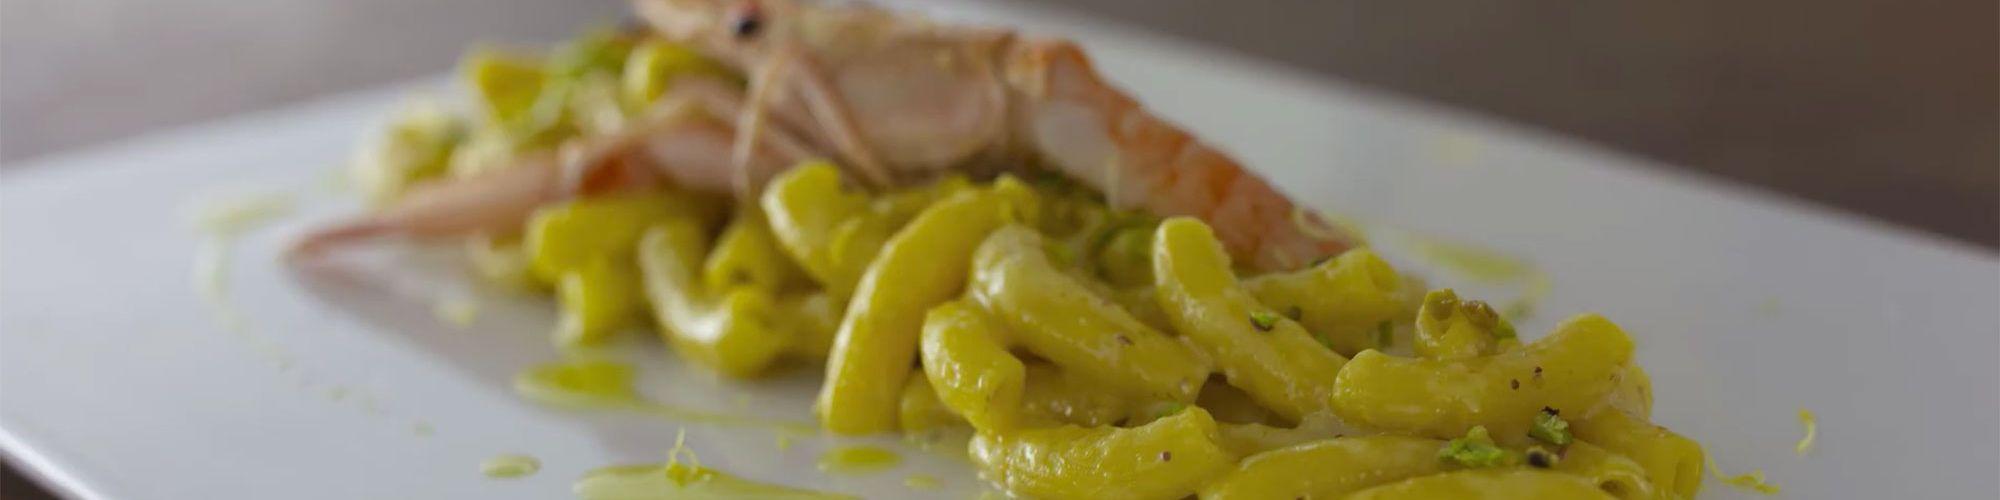 ricetta Maccheroncino risottato mantecato con crema di pistacchio di Bronte, zest di limone e scampo crudo con pasta fresca